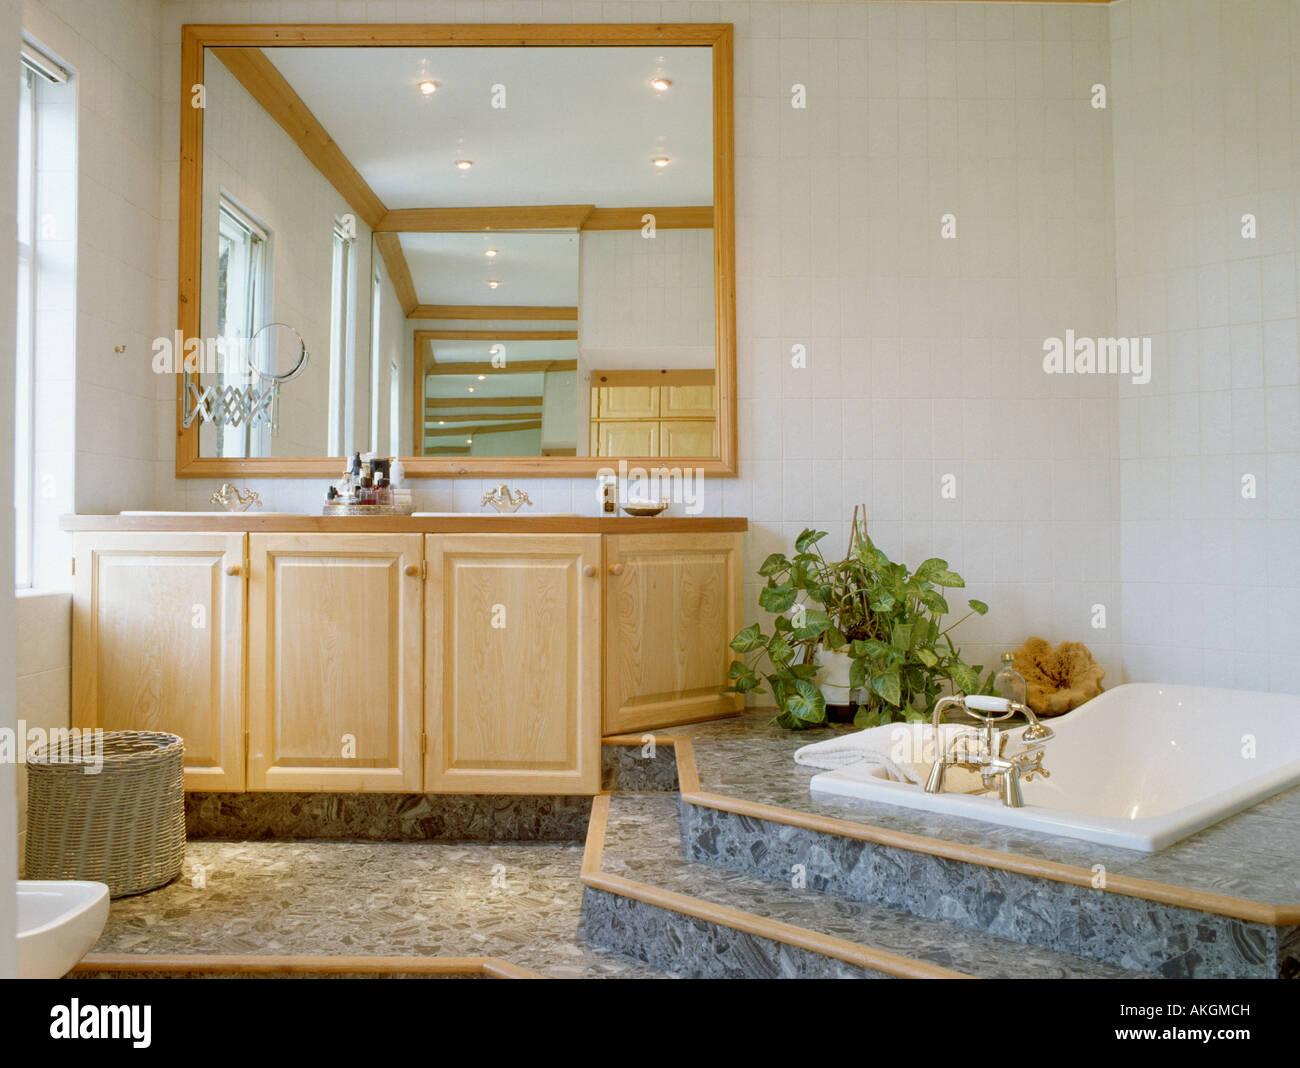 Große Spiegel über blasse Holz Waschtisch im Badezimmer mit ...